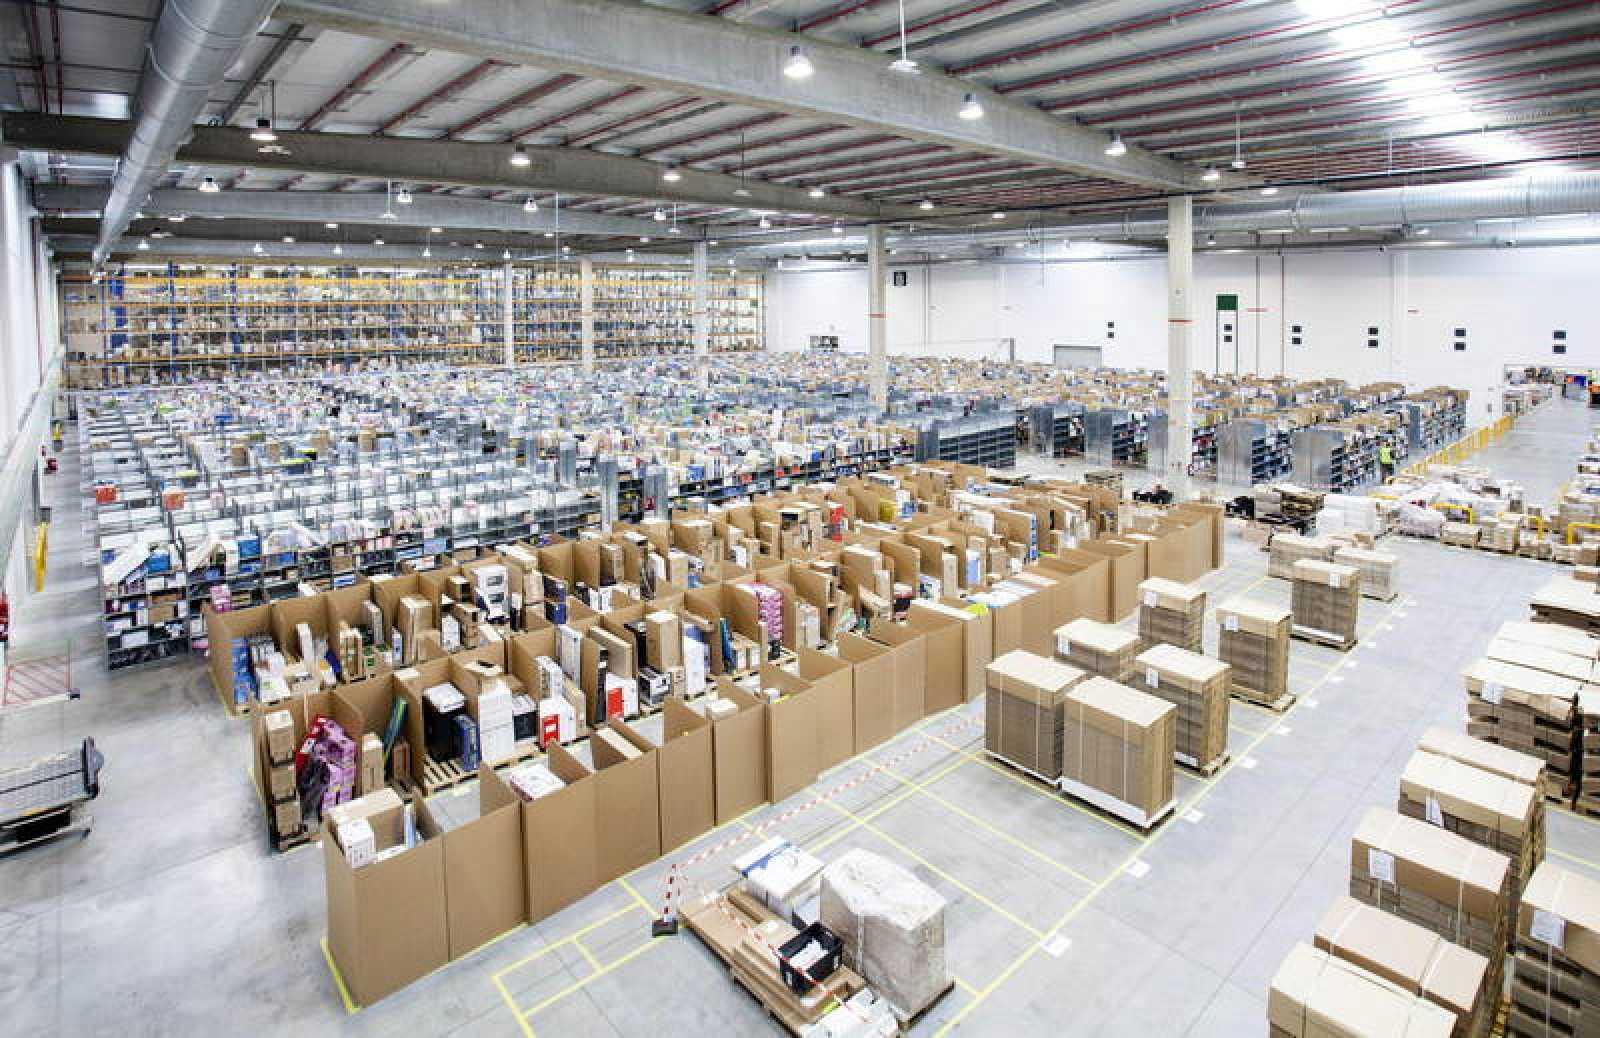 Almacen logistico amazon españa